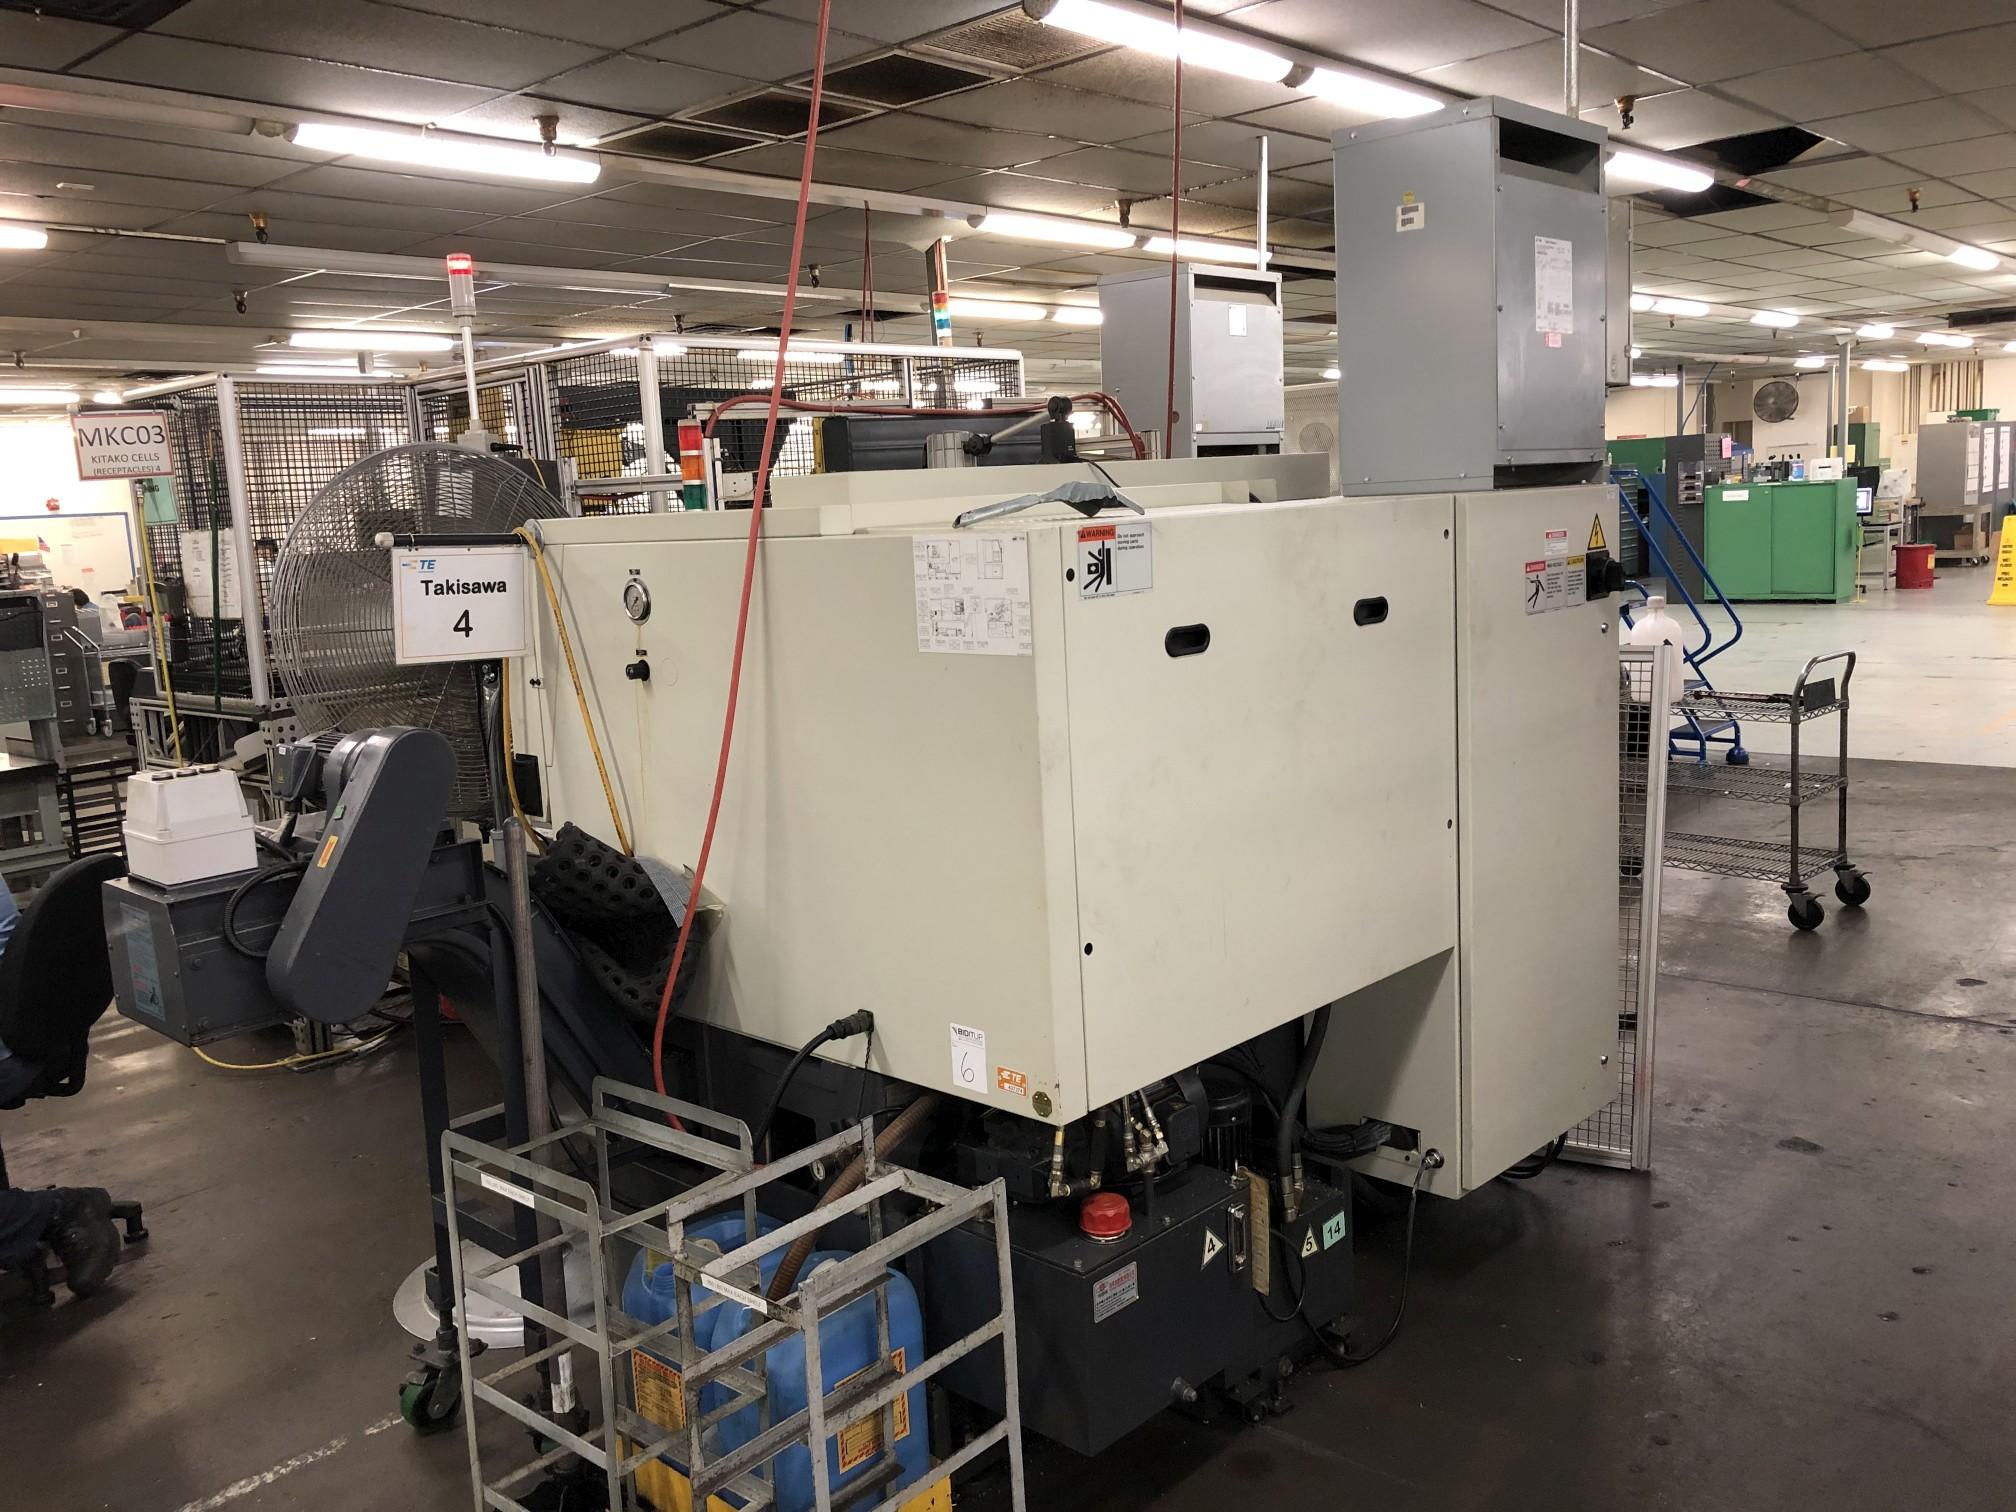 2006 Takisawa EX-106 CNC Lathe - Image 7 of 10